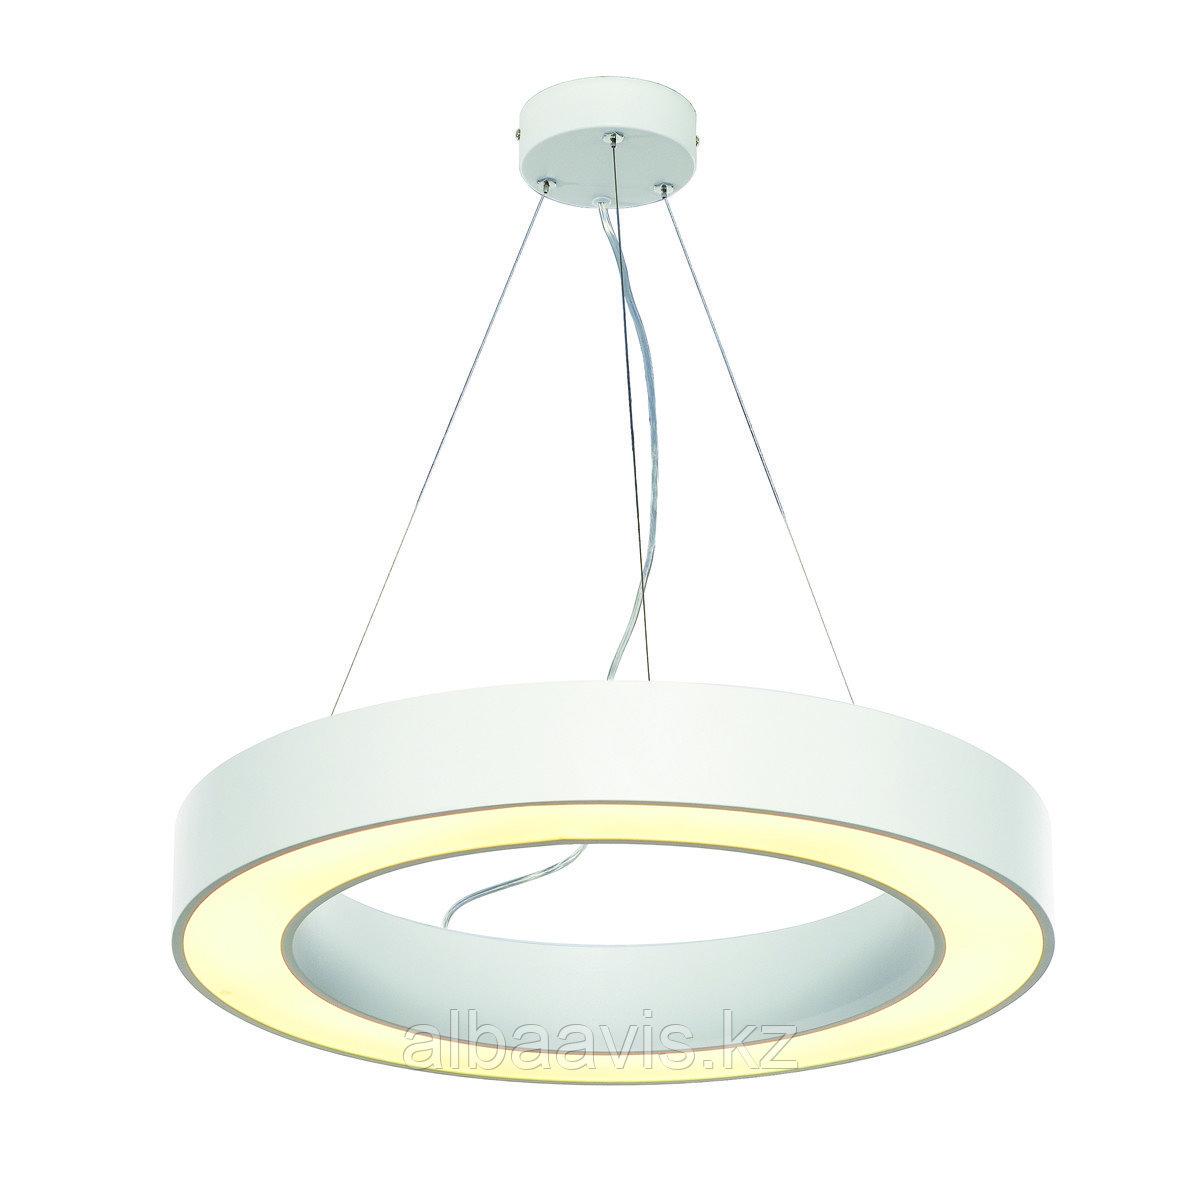 Светильники подвесные в стиле хай-тек 120х100х8 см, витражные люстры, люстры в стиле хай-тек, люстра